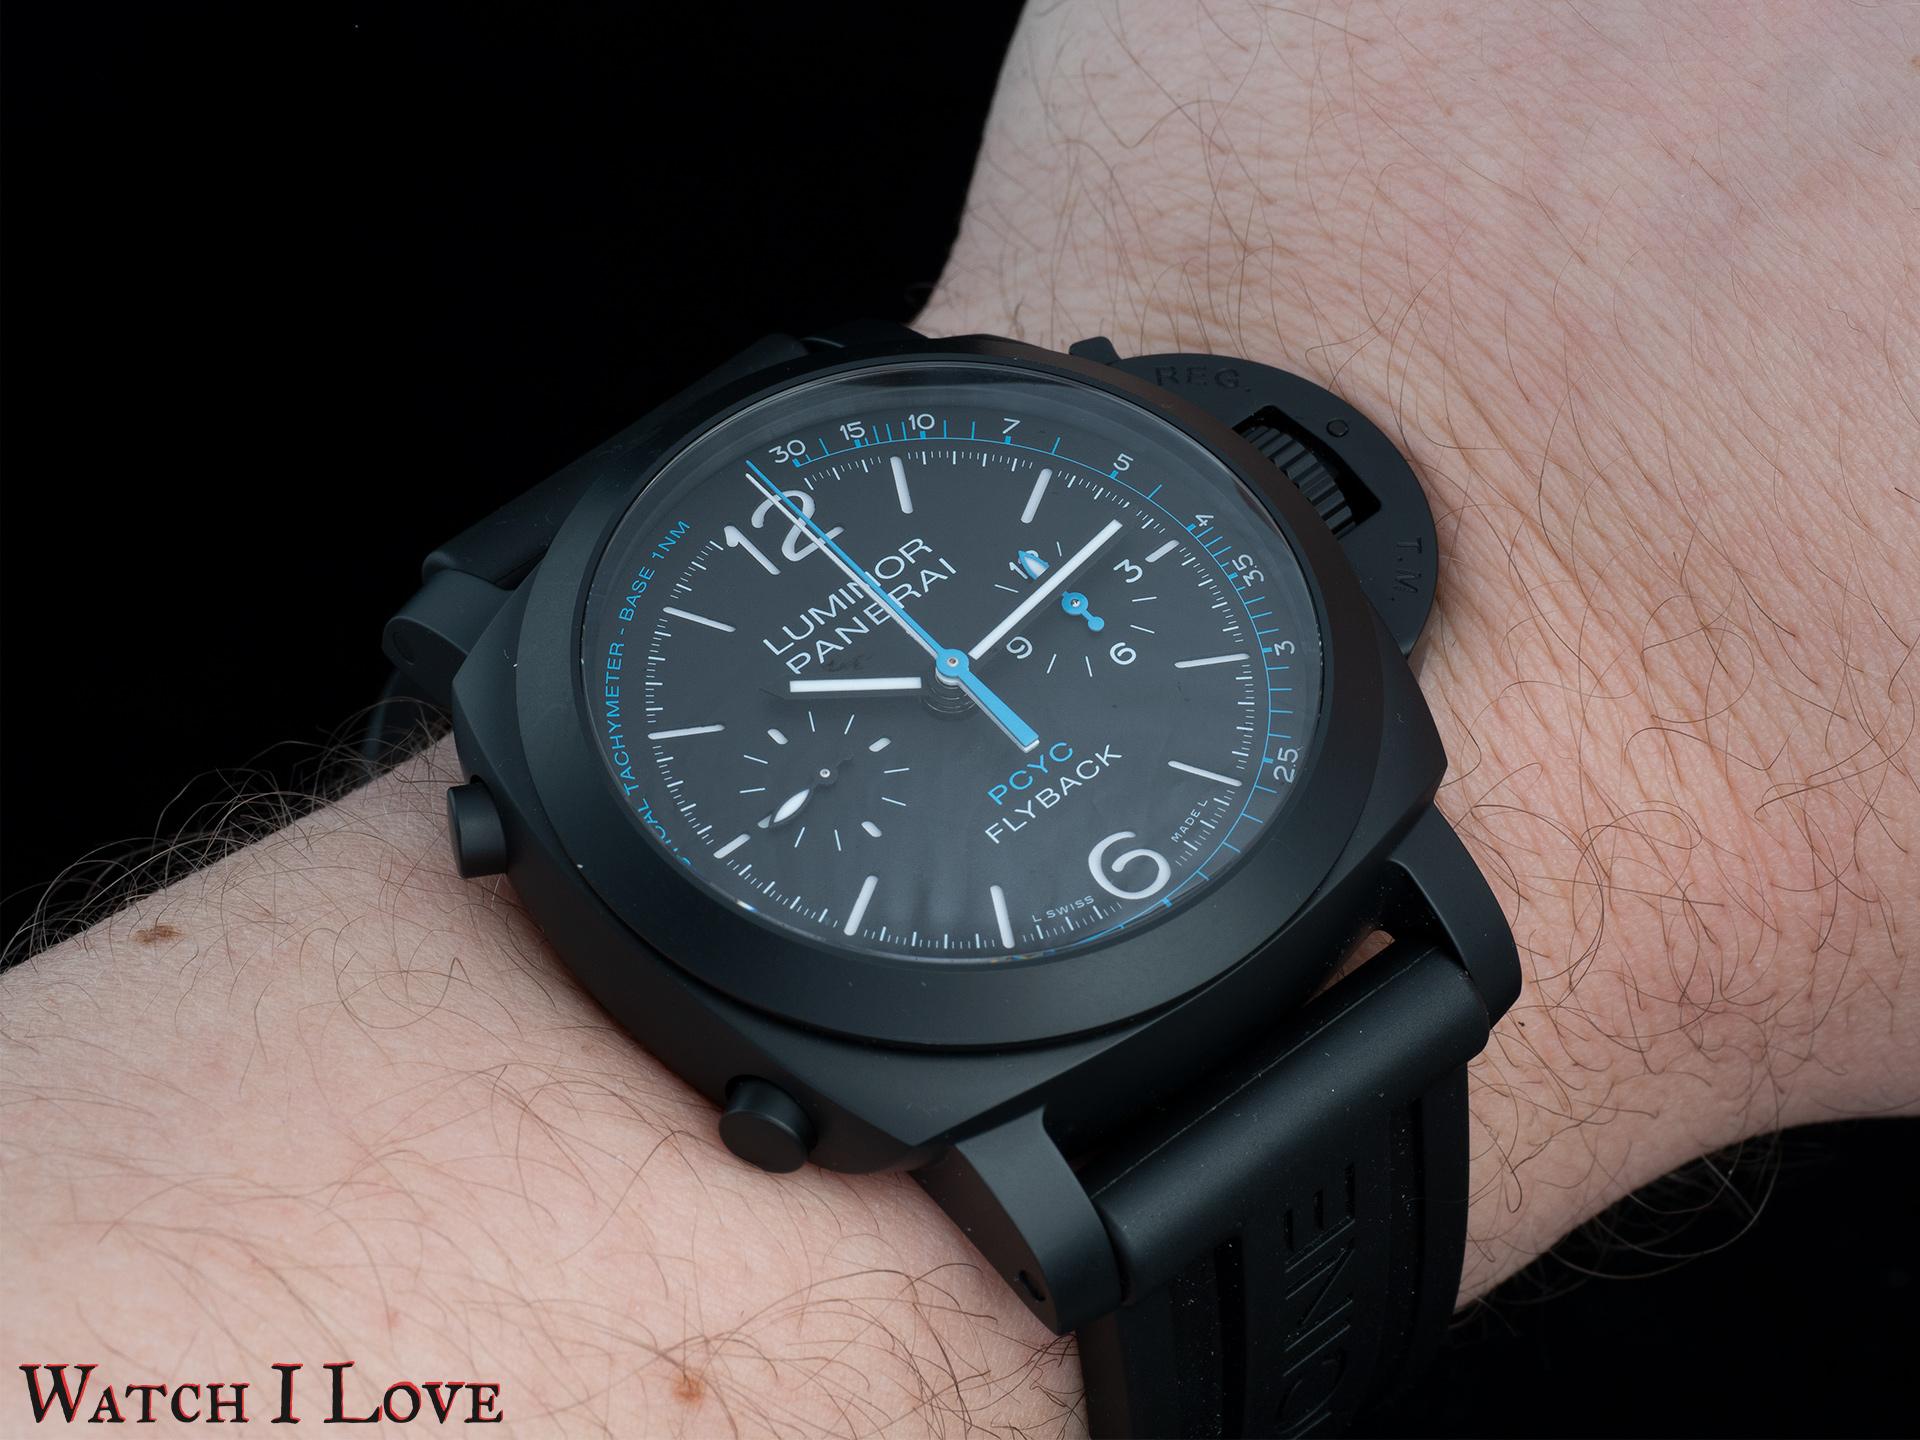 Panerai PAM788 on the wrist